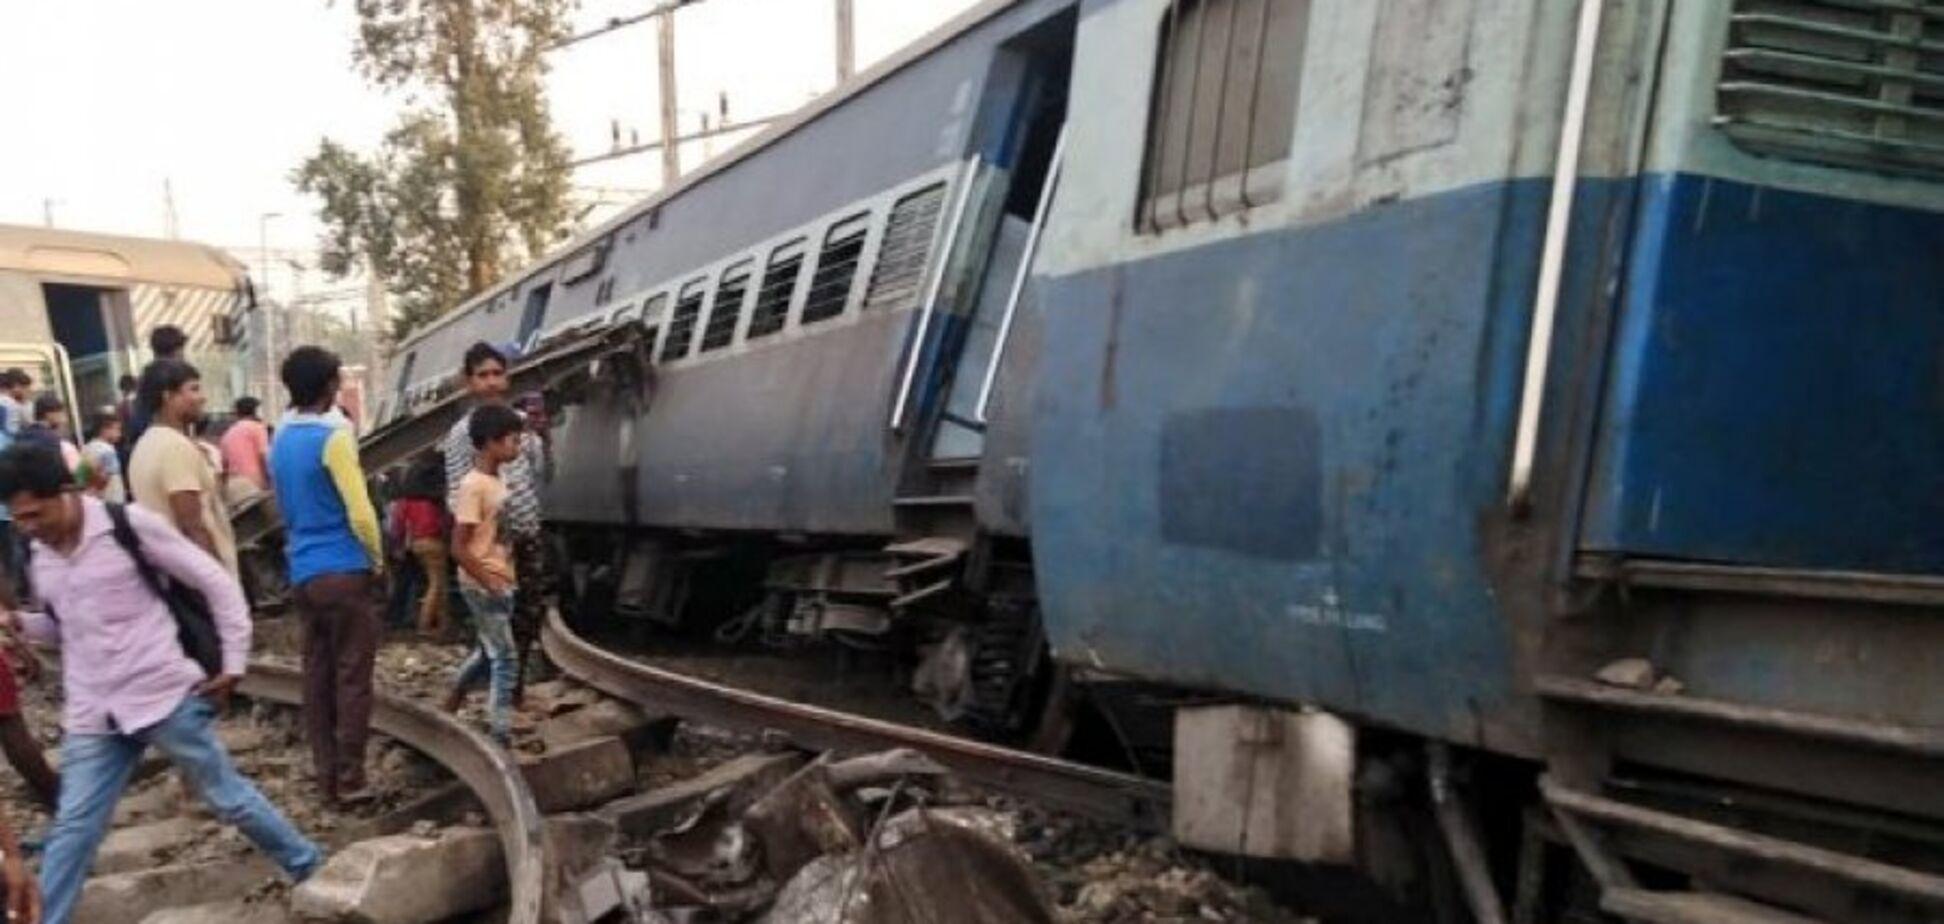 В Індії потяг влетів у натовп людей: 61 жертва і 80 поранених. Відео 18+